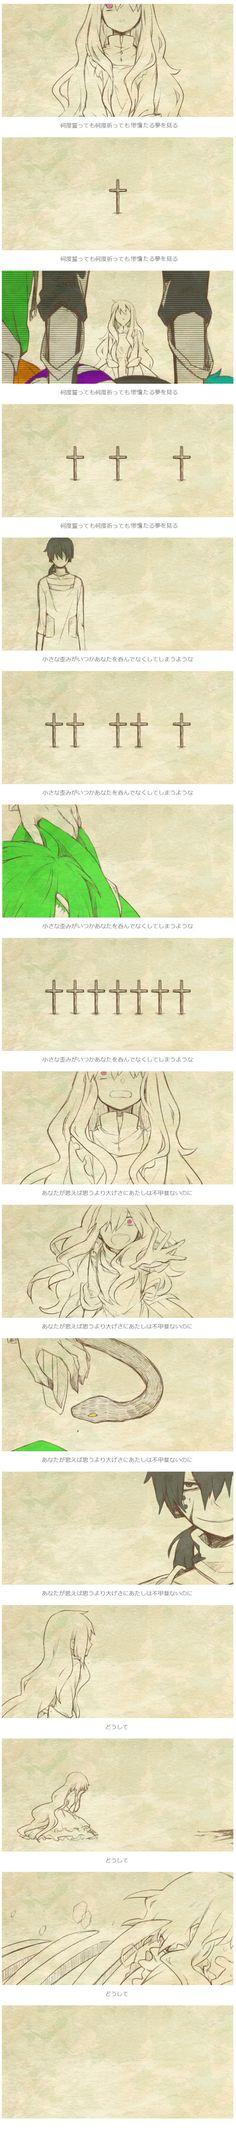 Kagerou Project/#1825336 - Zerochan